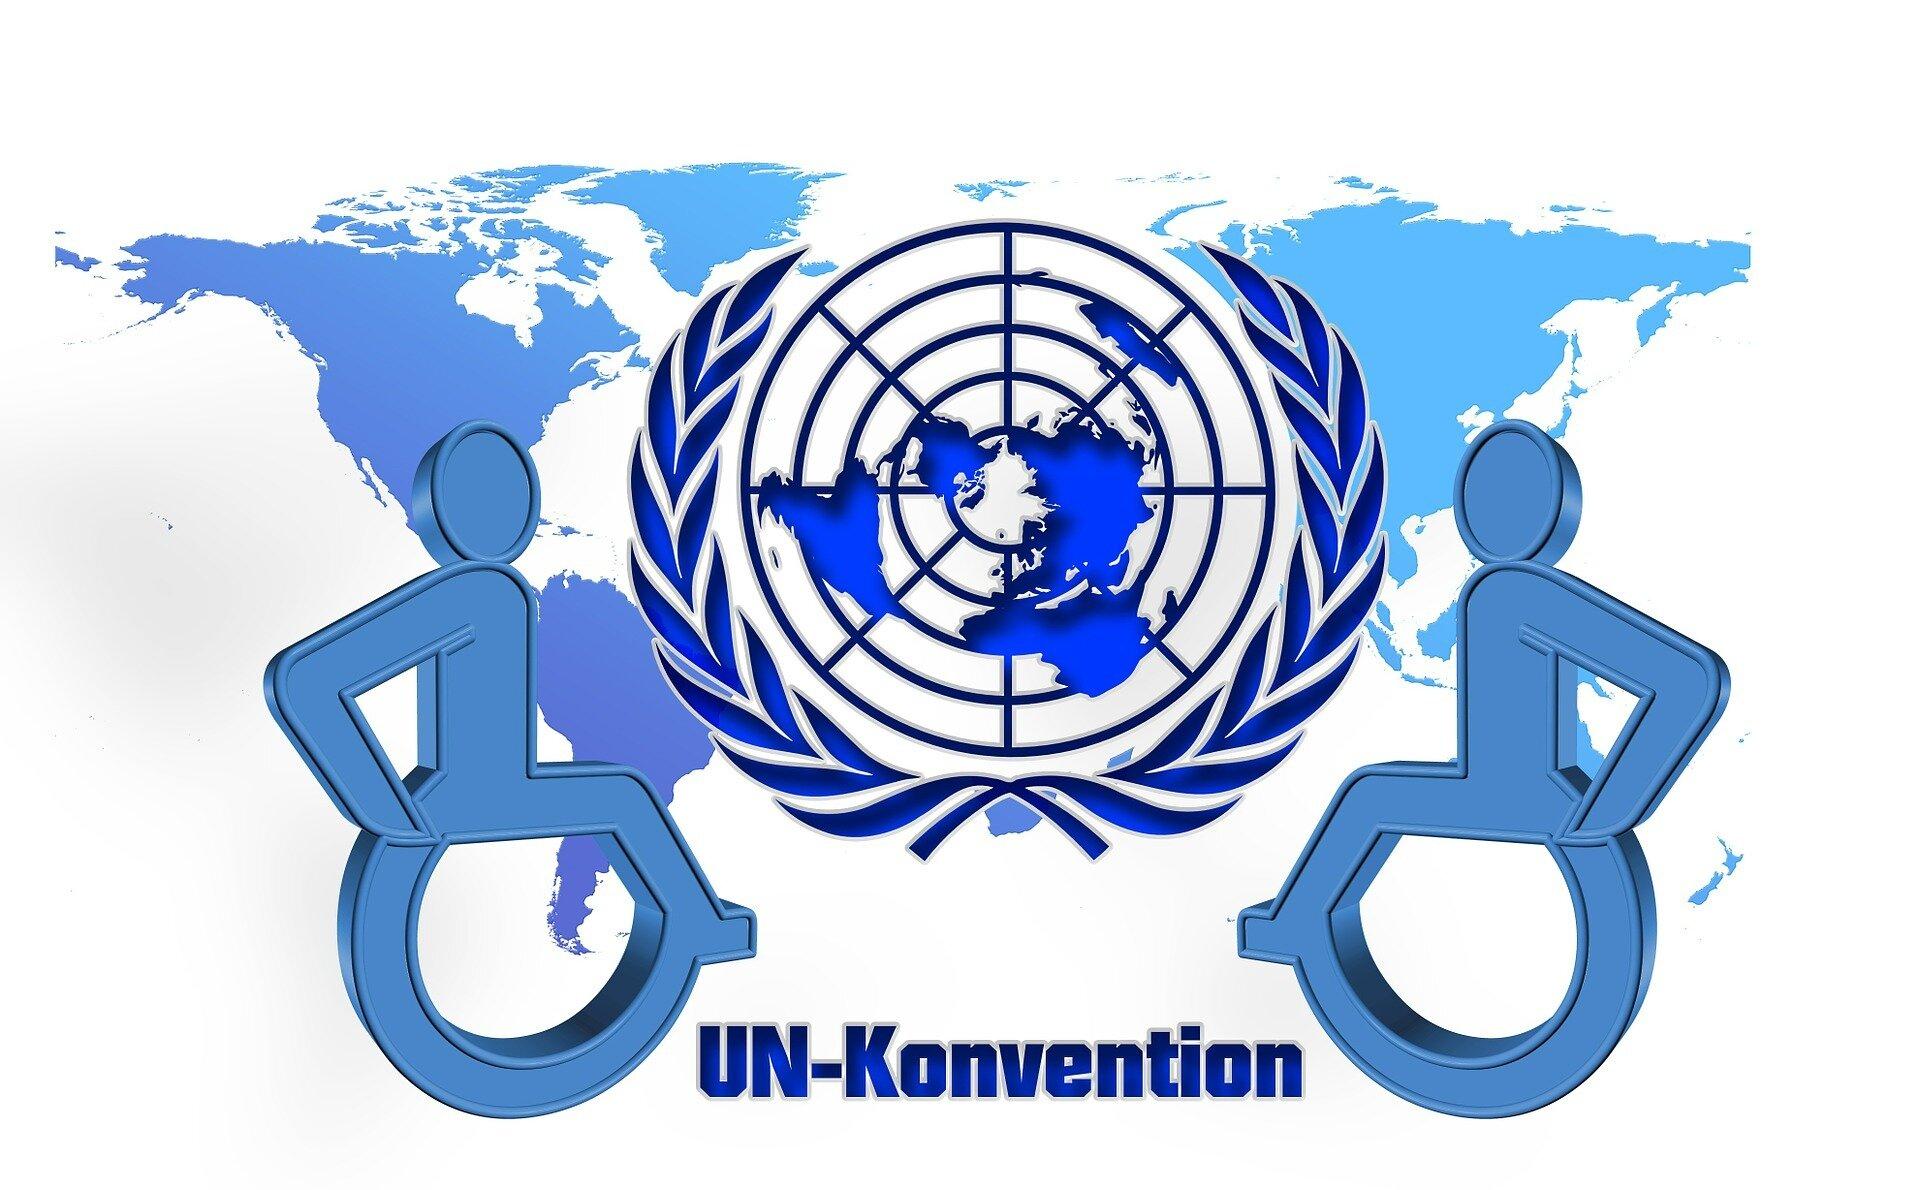 Das Logo der Vereinten Nationen (UN) vor einer blauen Weltkarte, rechts und links davon ist jeweils ein Rollstuhlfahrer und dazwischen steht UN-Konvention geschrieben.